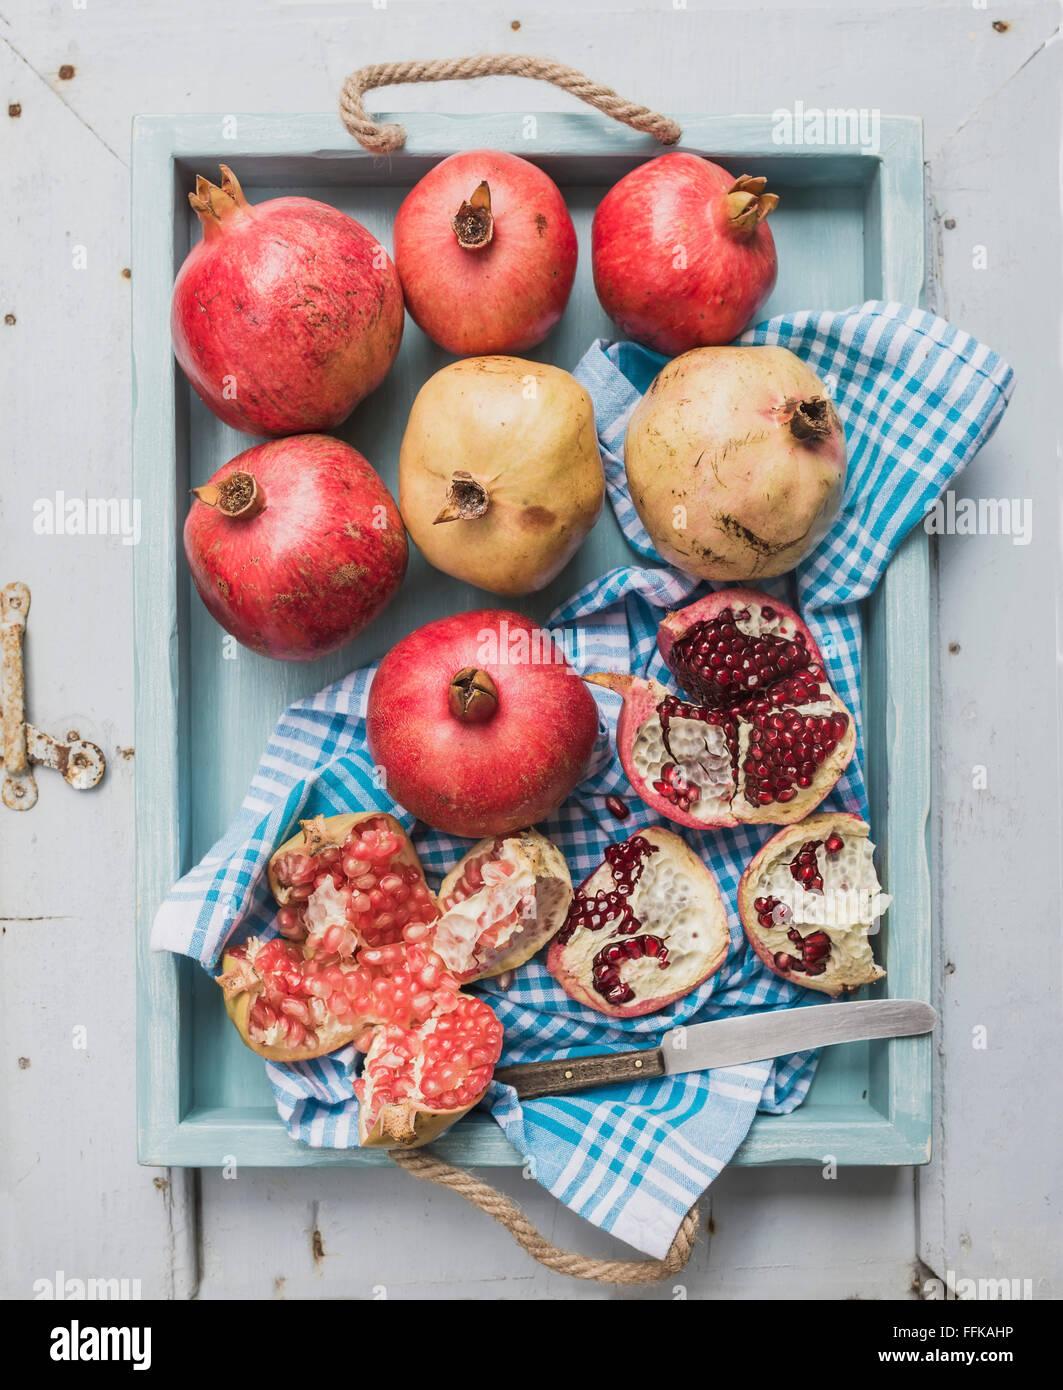 Le rouge et le blanc des grenades et des couteaux de cuisine sur serviette dans le bac bleu en bois peint sur toile Photo Stock